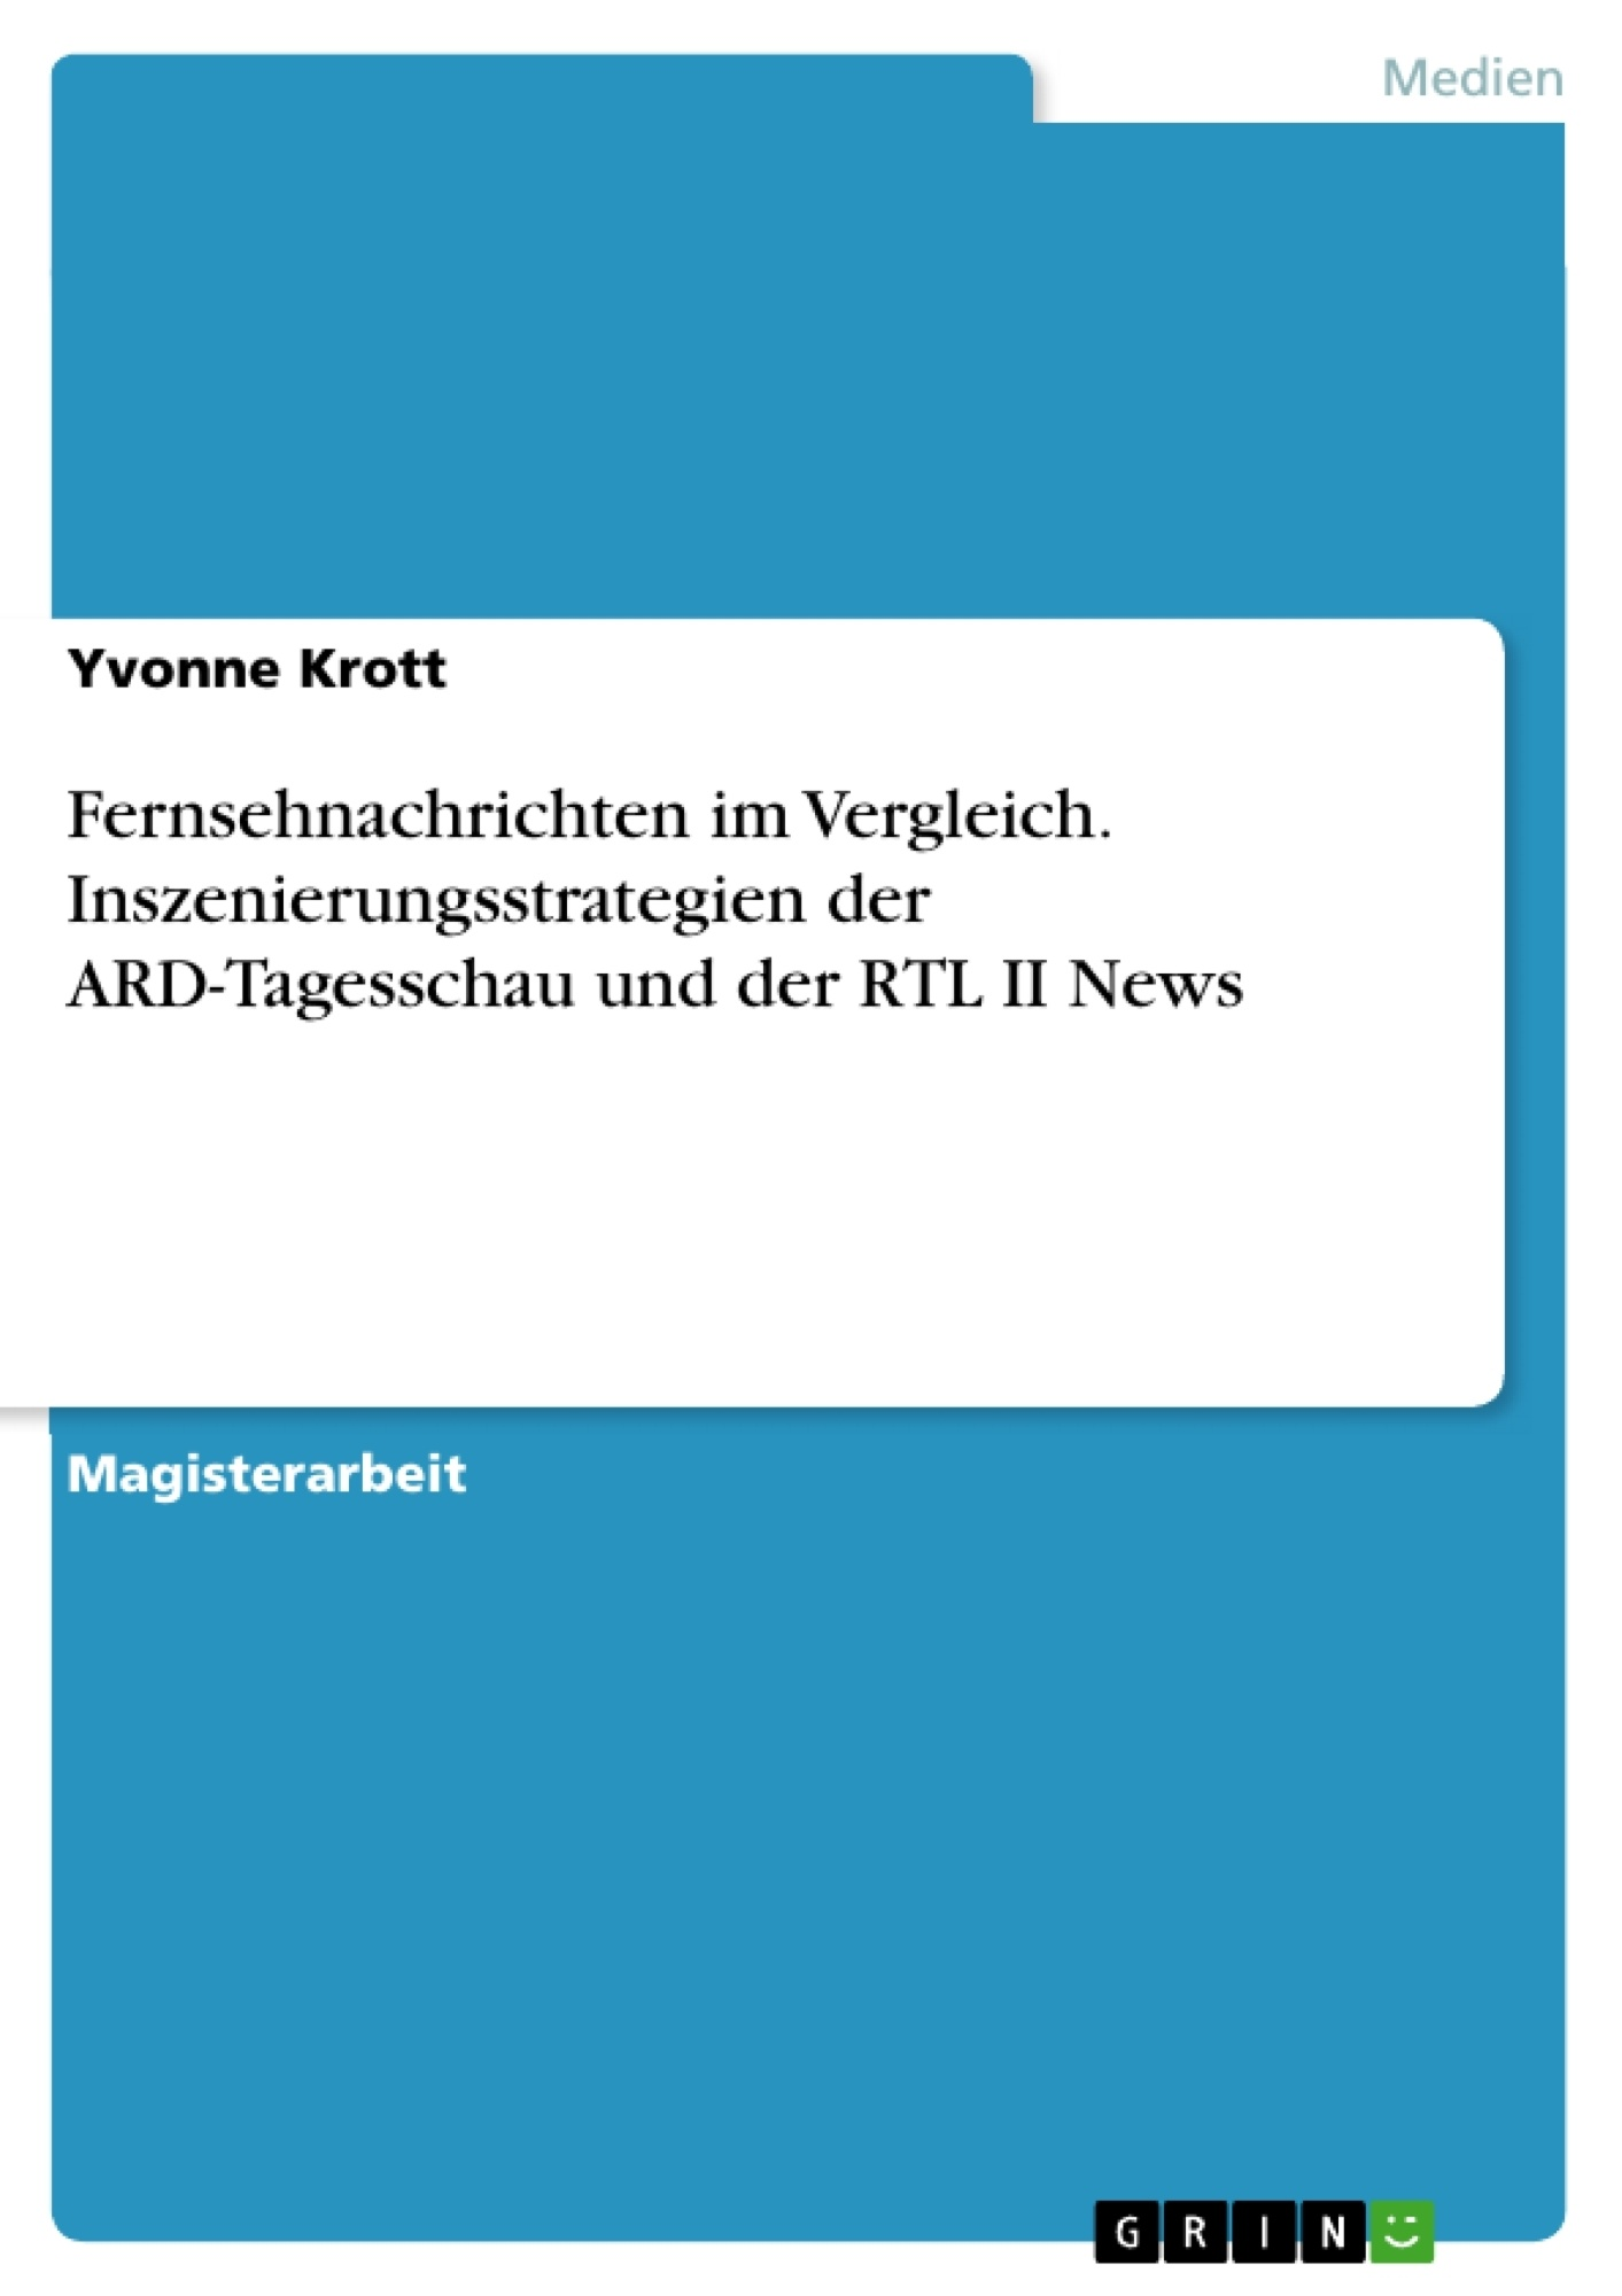 Titel: Fernsehnachrichten im Vergleich. Inszenierungsstrategien der ARD-Tagesschau und der RTL II News